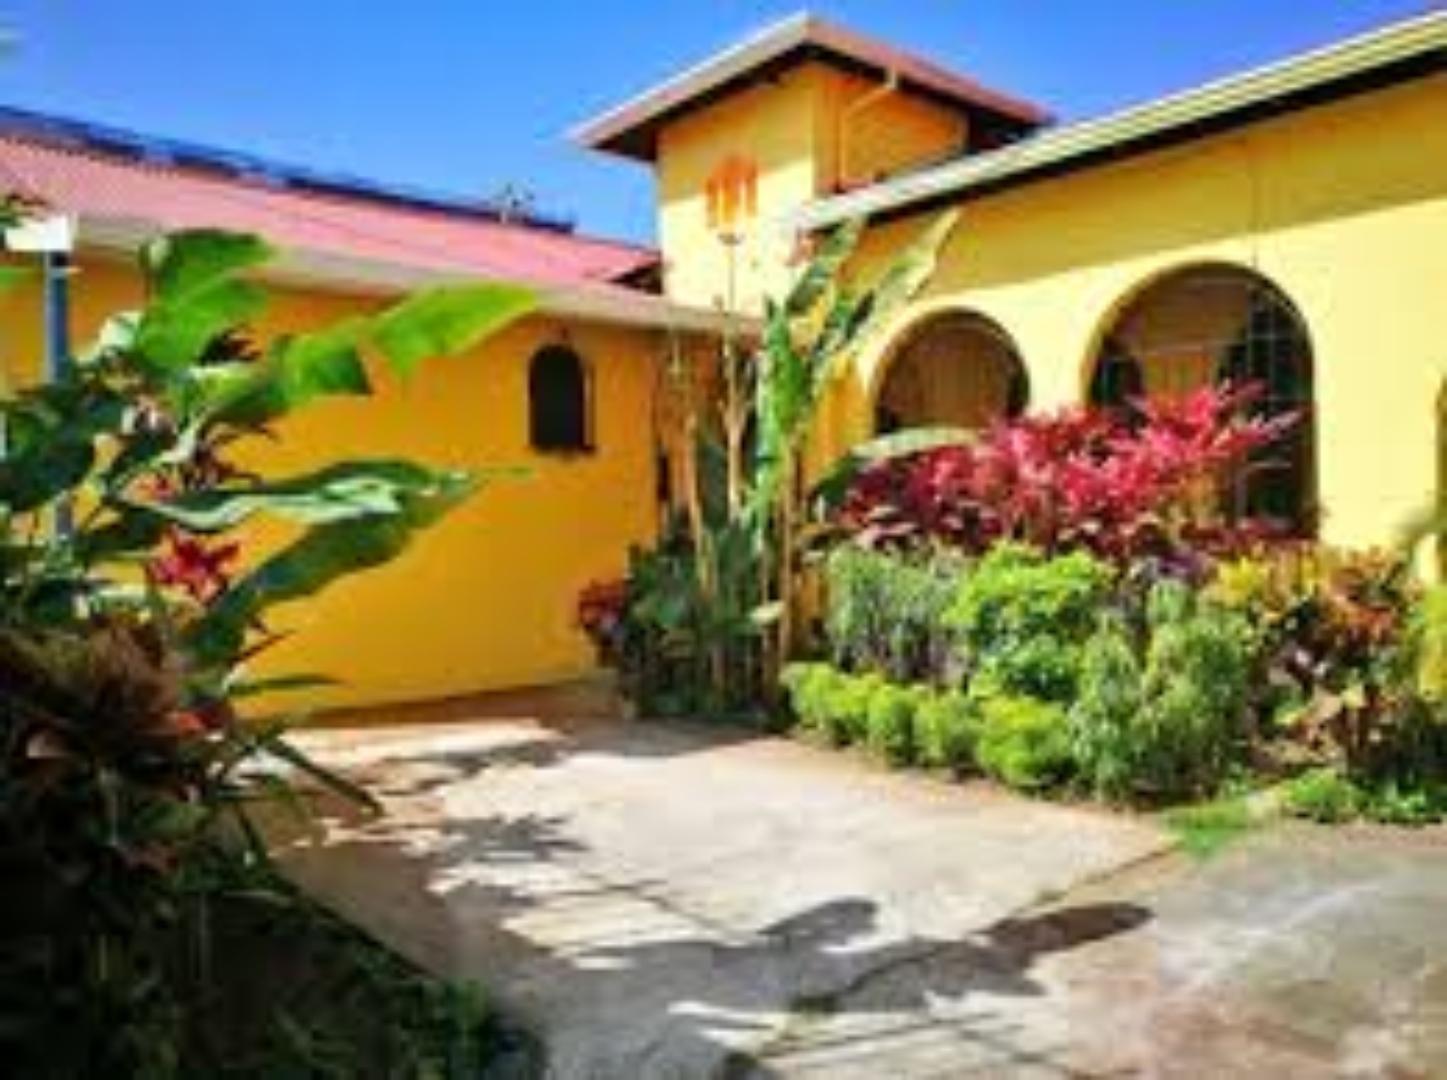 A close up of a garden at Casa 69 Costa Rica.